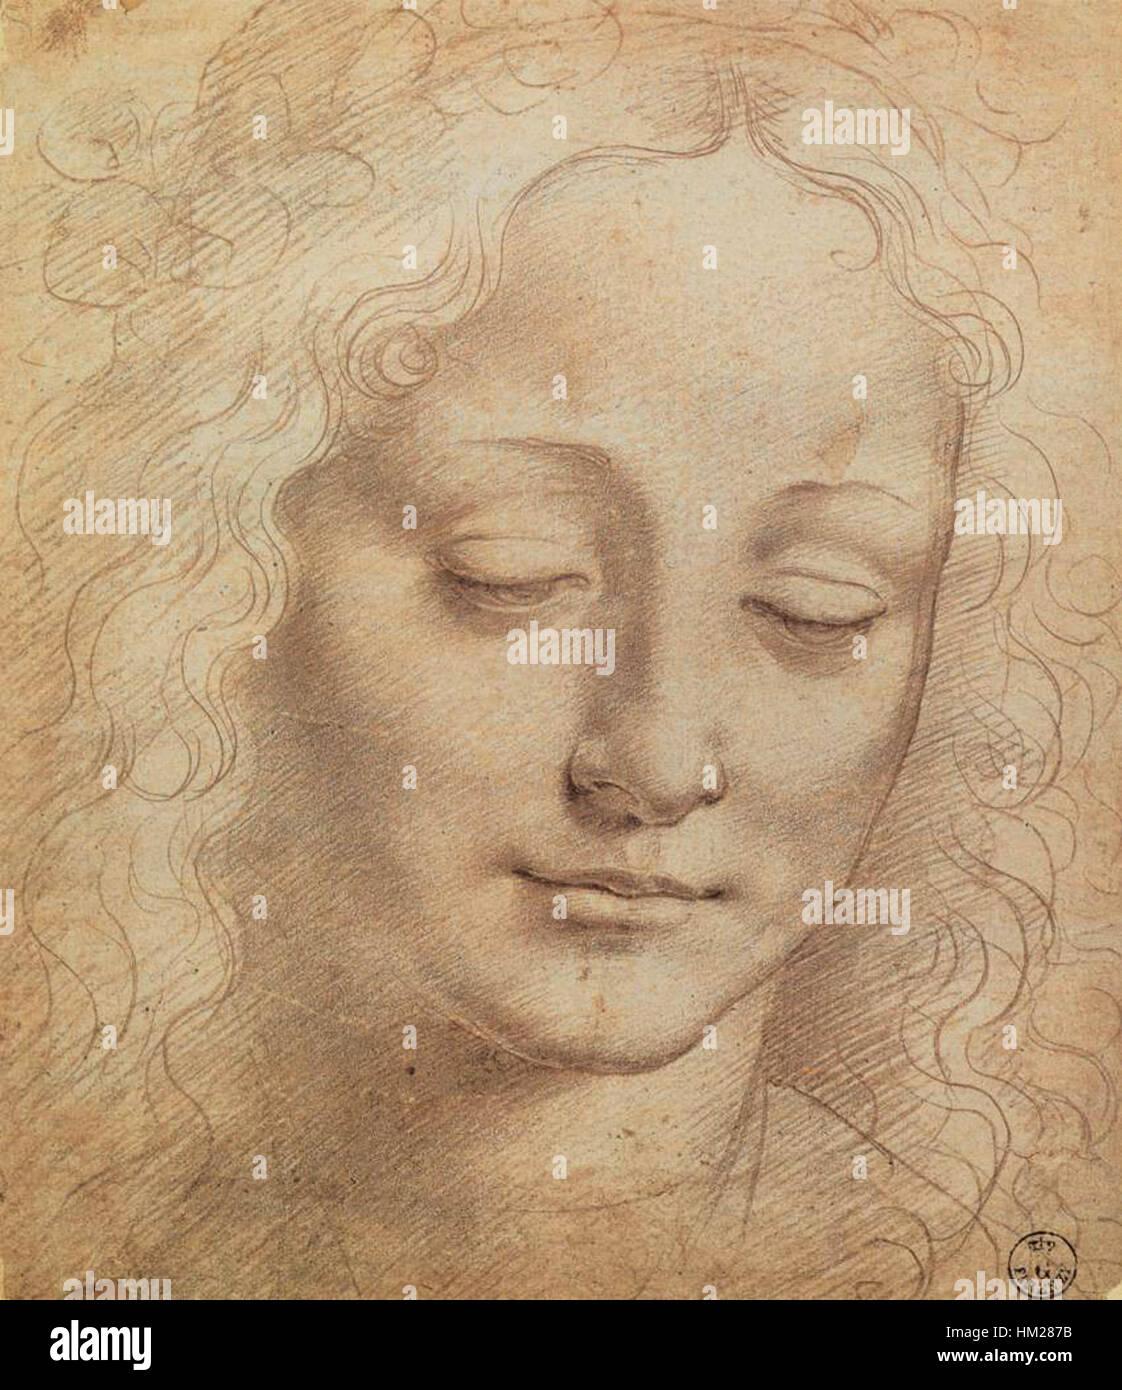 Leonardo da Vinci, cabeza femenina Foto & Imagen De Stock: 132816079 ...